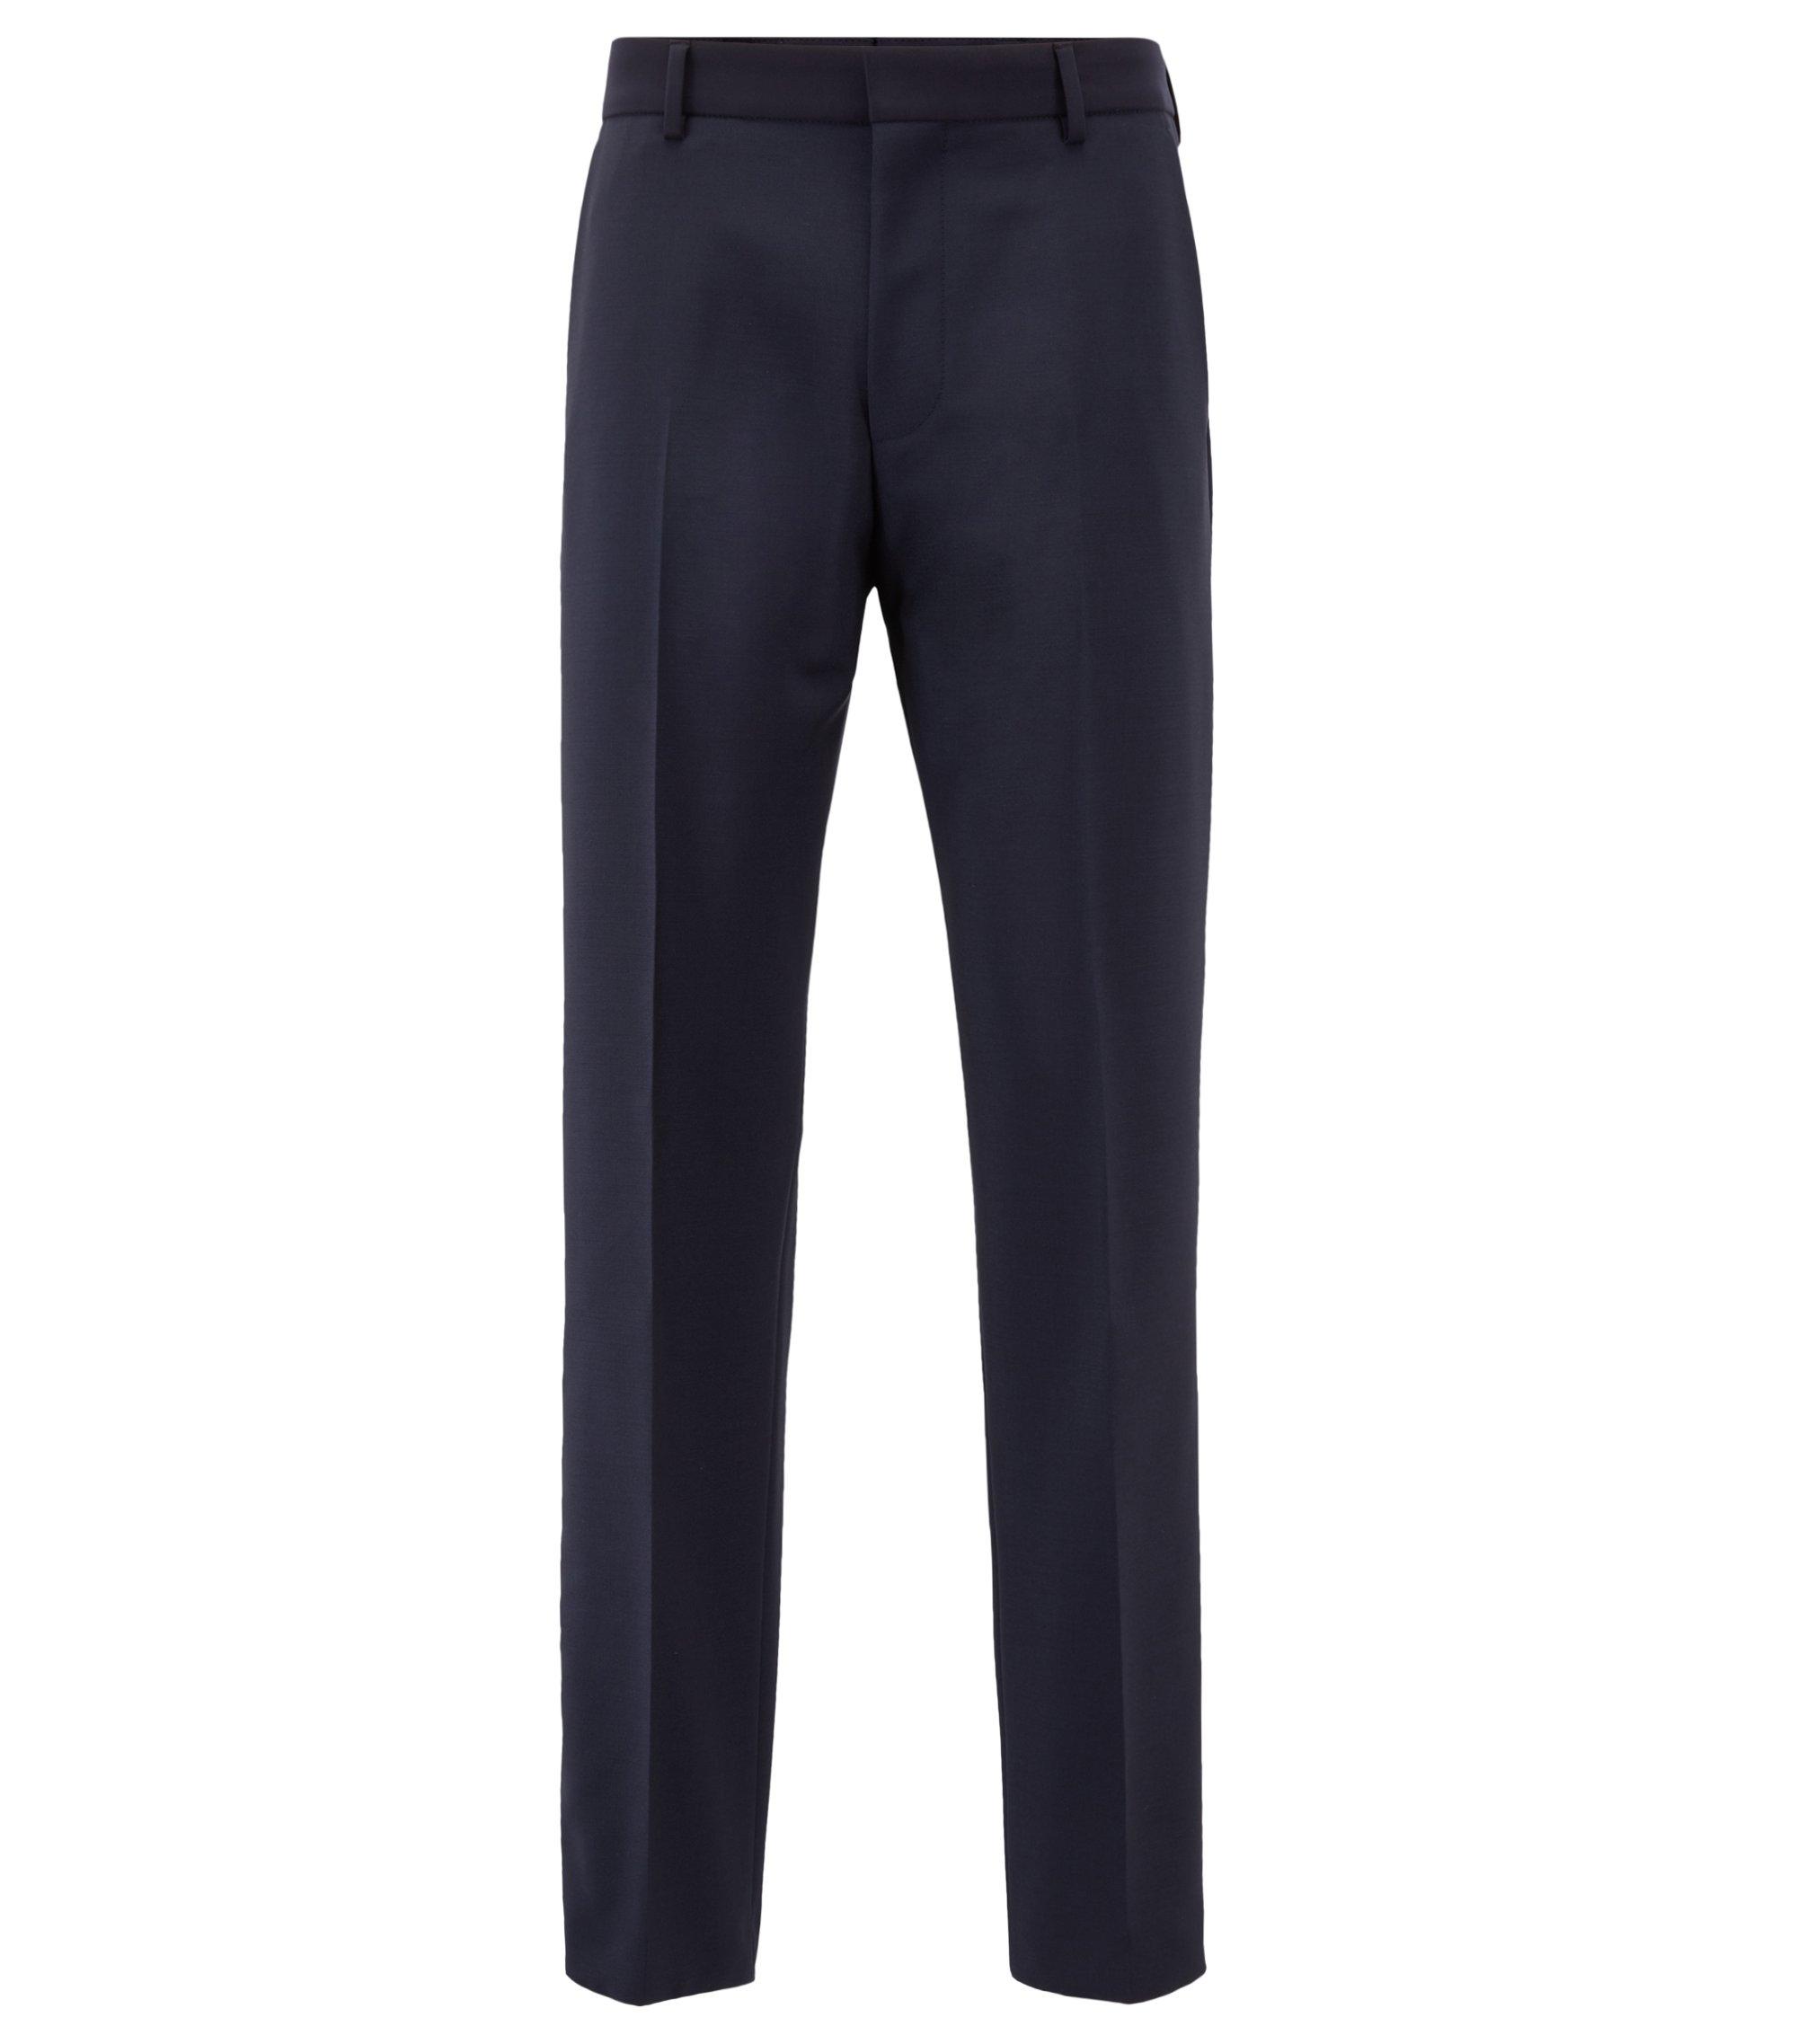 Pantalones slim fit en lana virgen con mohair, Azul oscuro